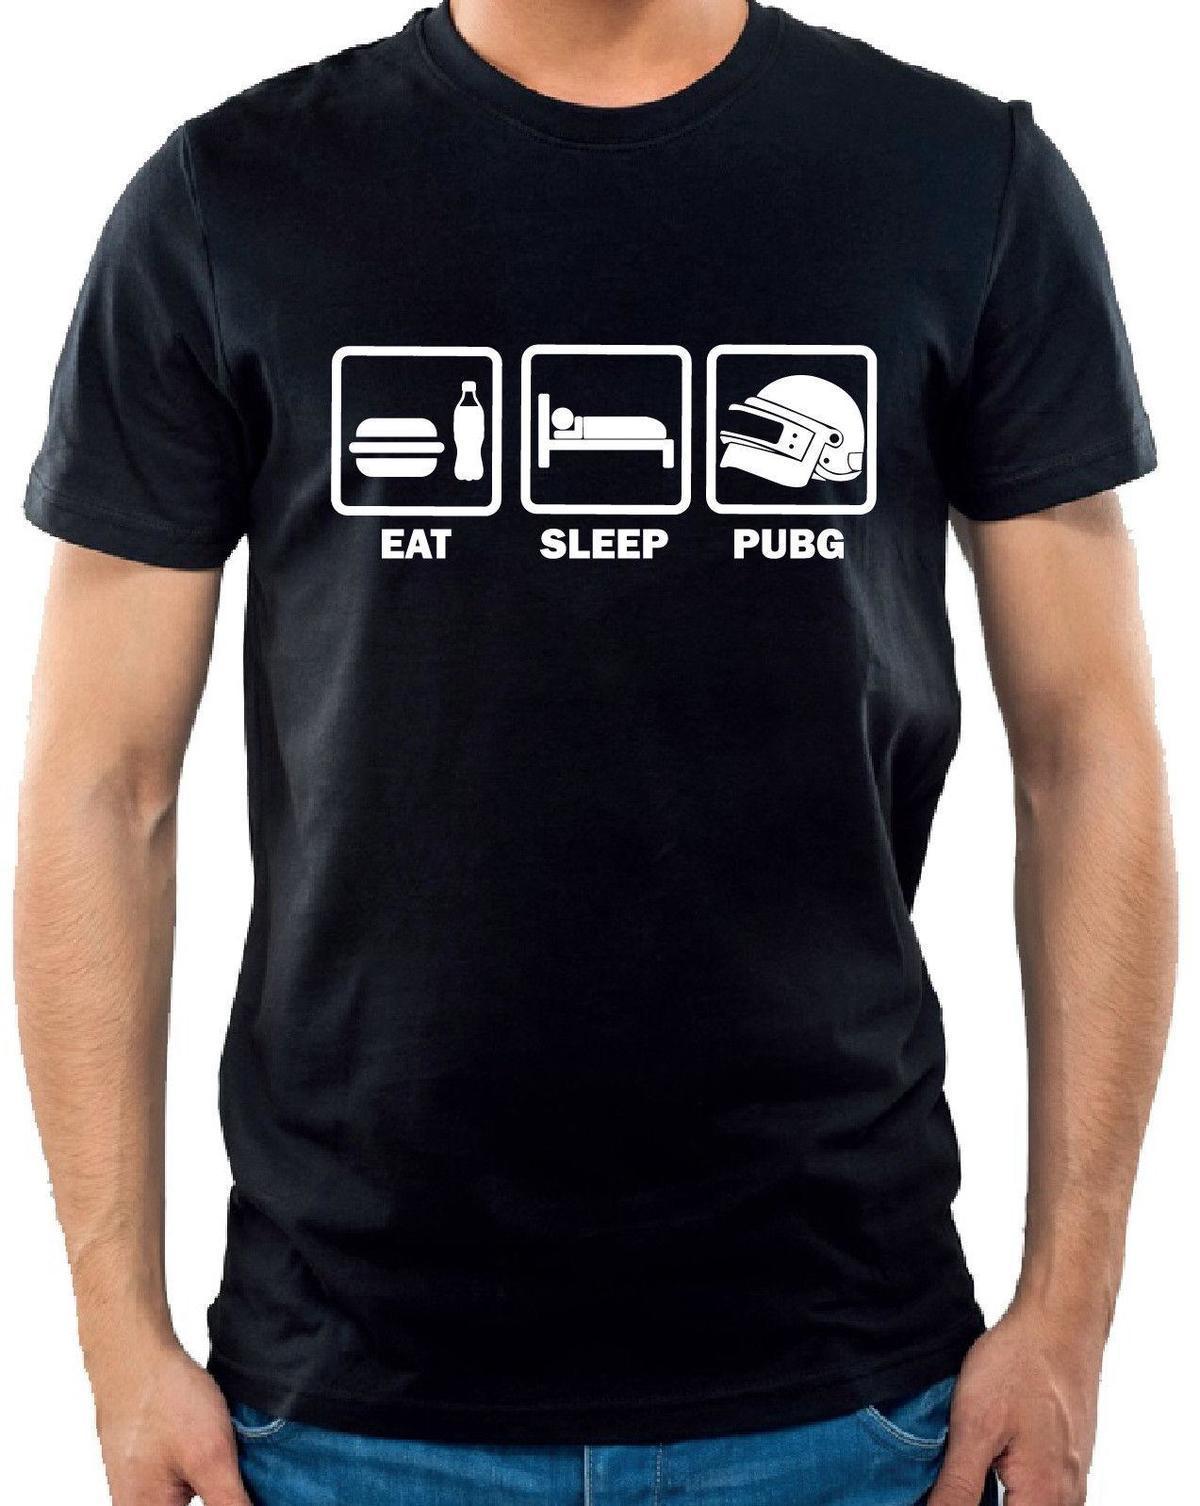 fb788d51a T-shirt Eat Sleep Pubg - PlayerUnknown's Battlegrounds tee shirt Geek humour